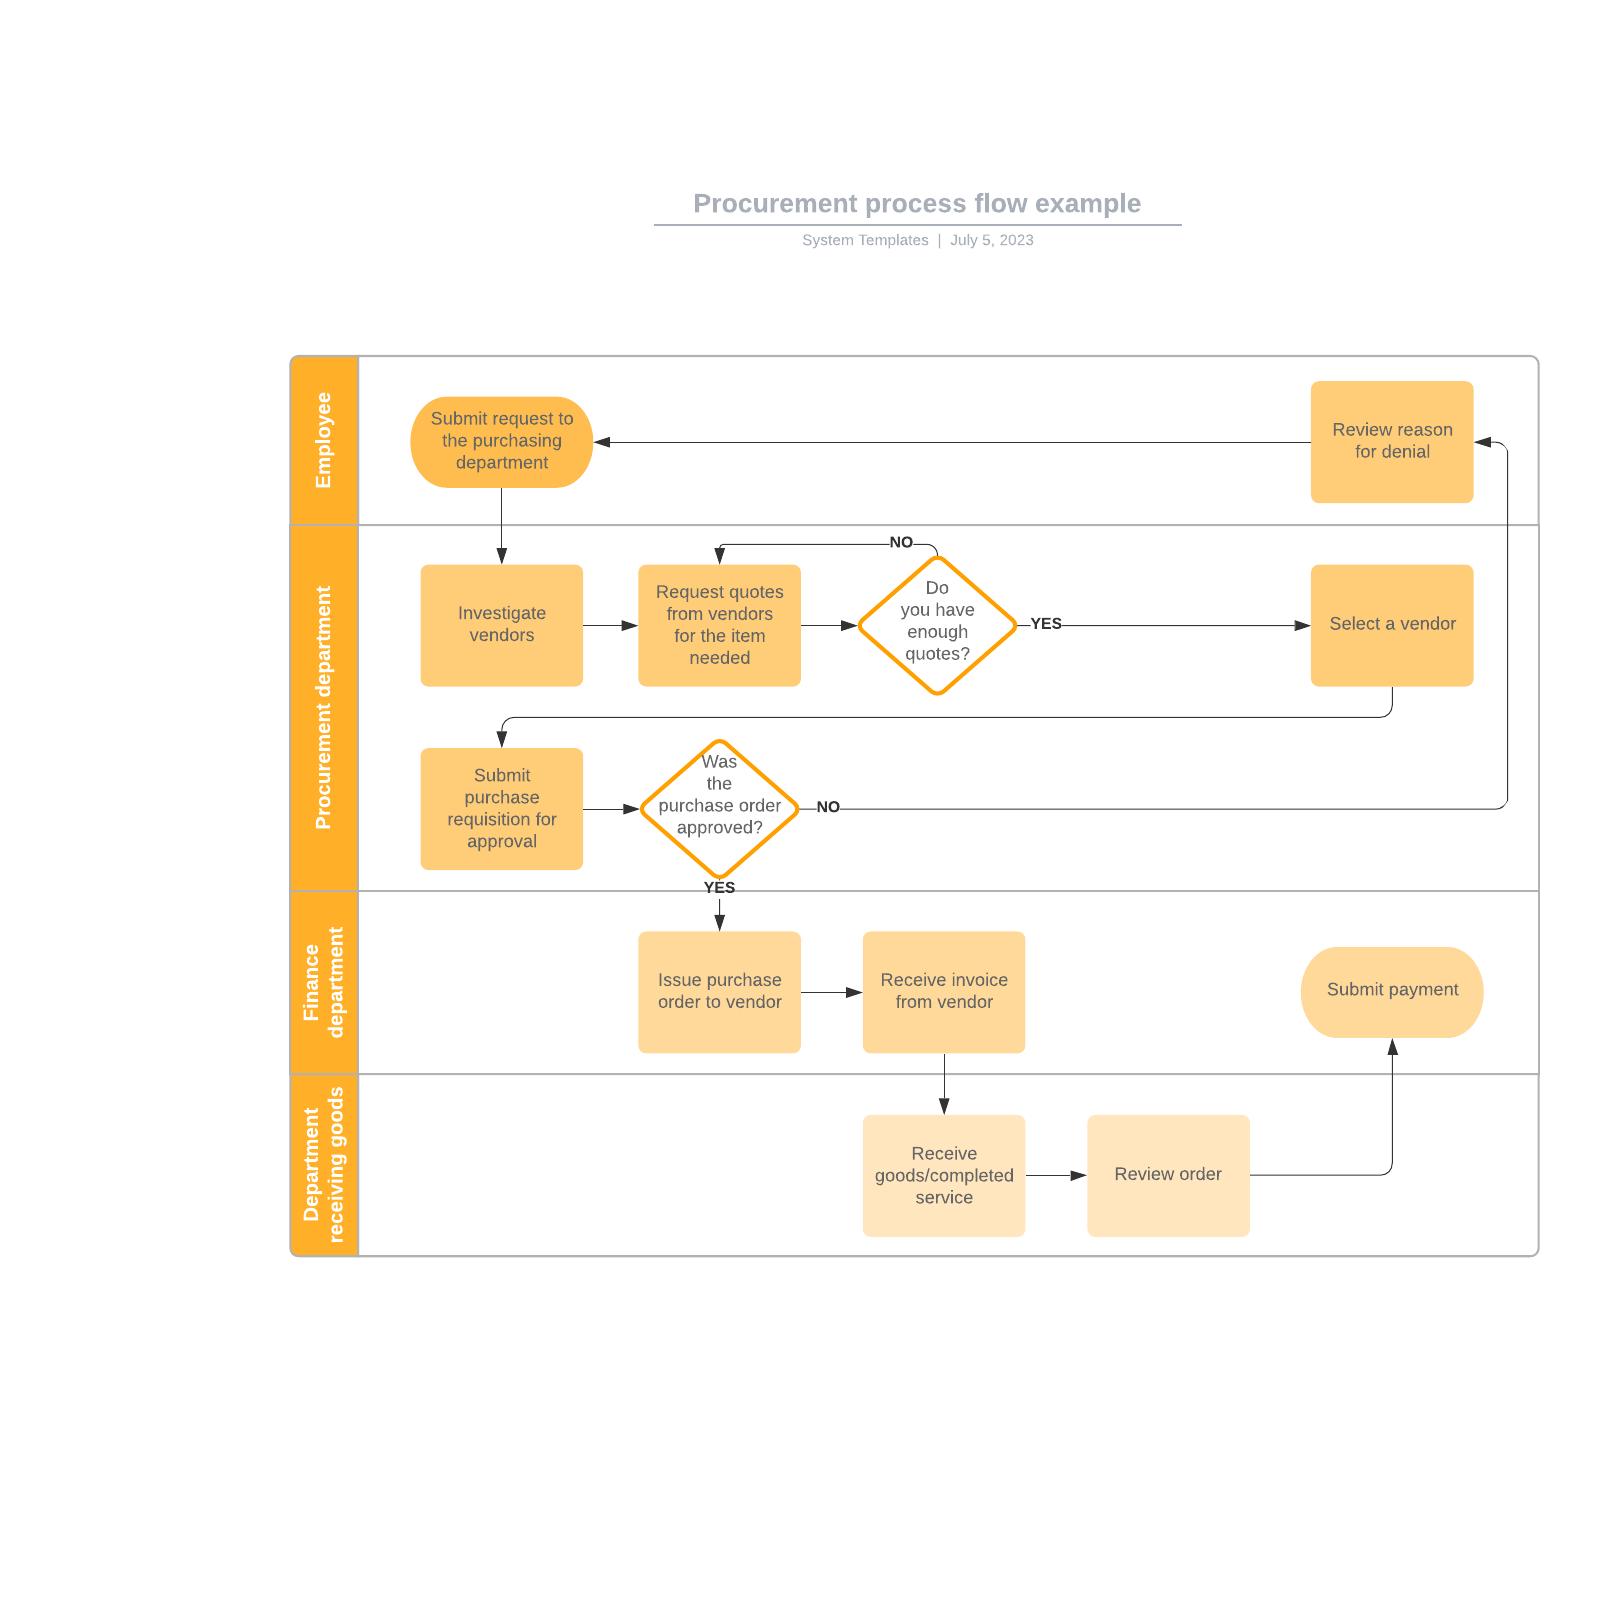 Procurement process flow example